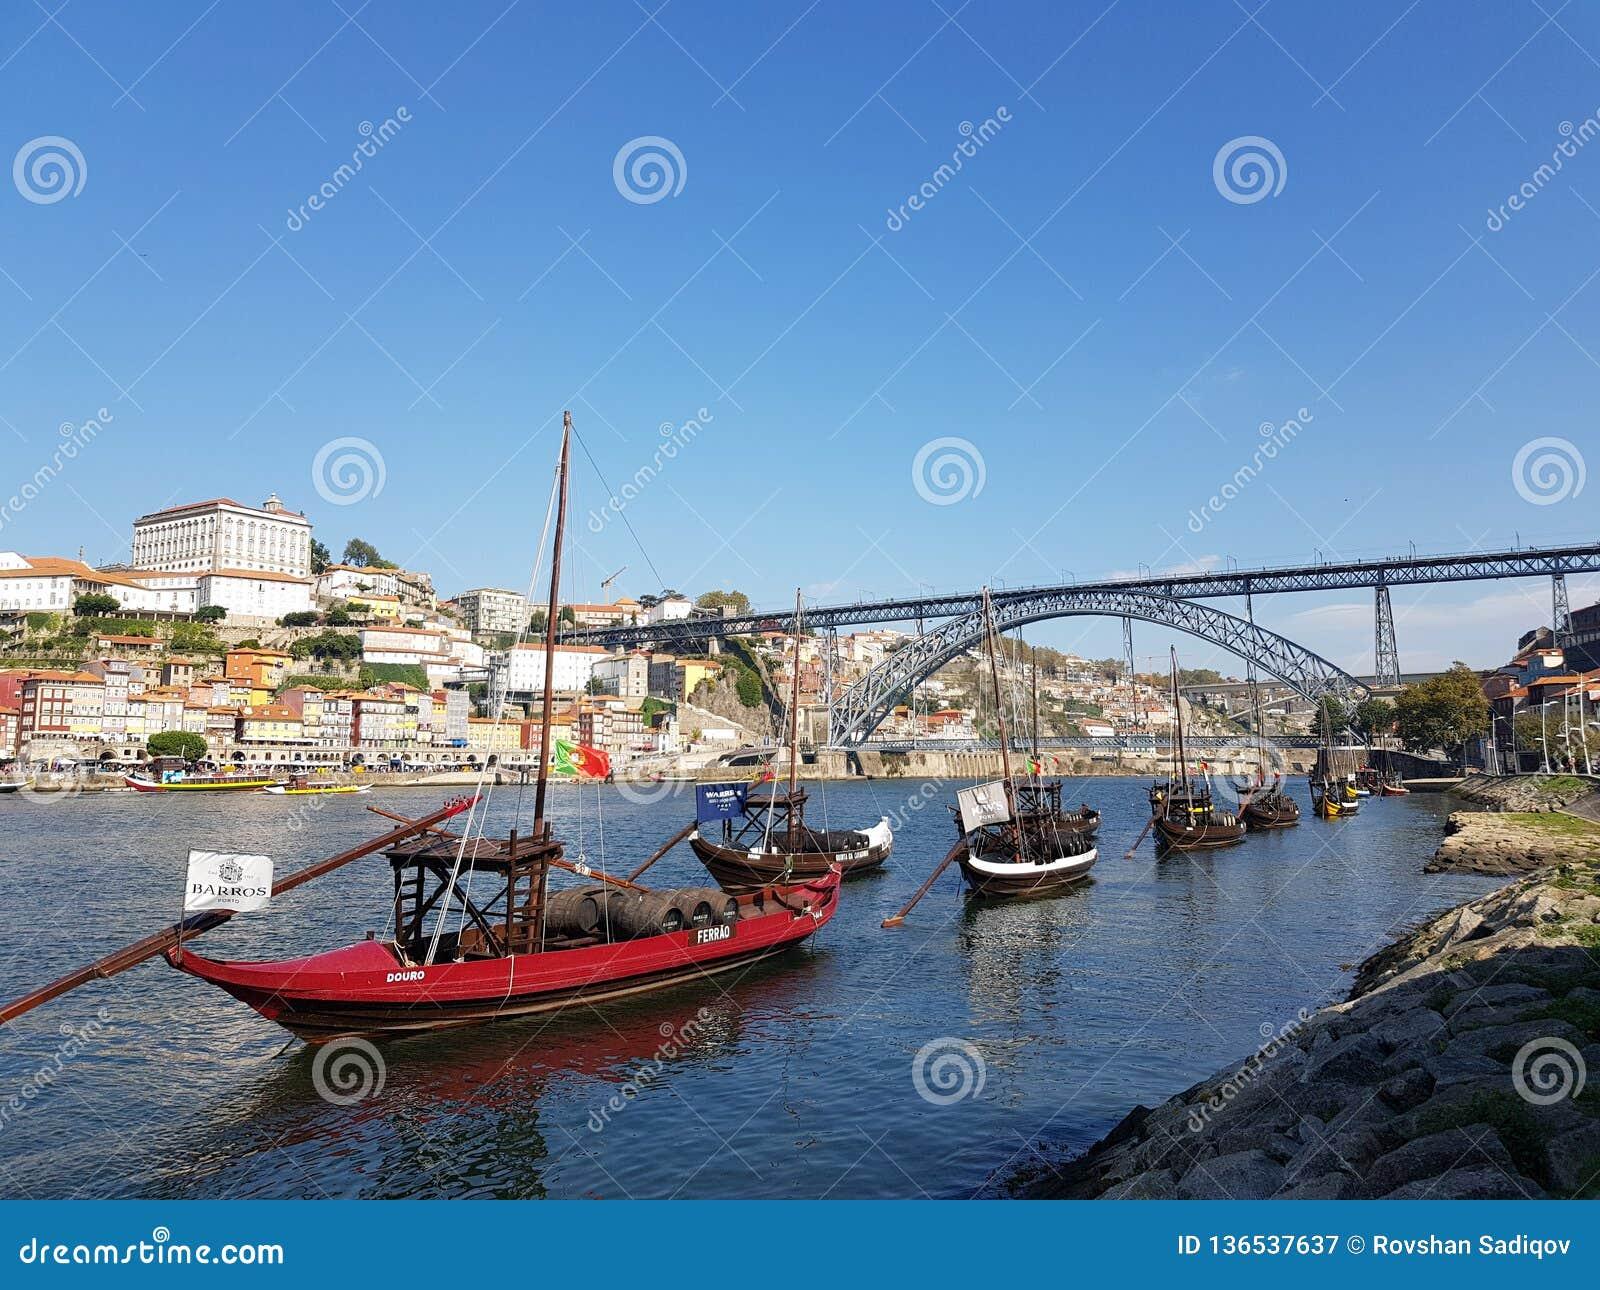 De oriëntatiepunten van Evropeportugal porto